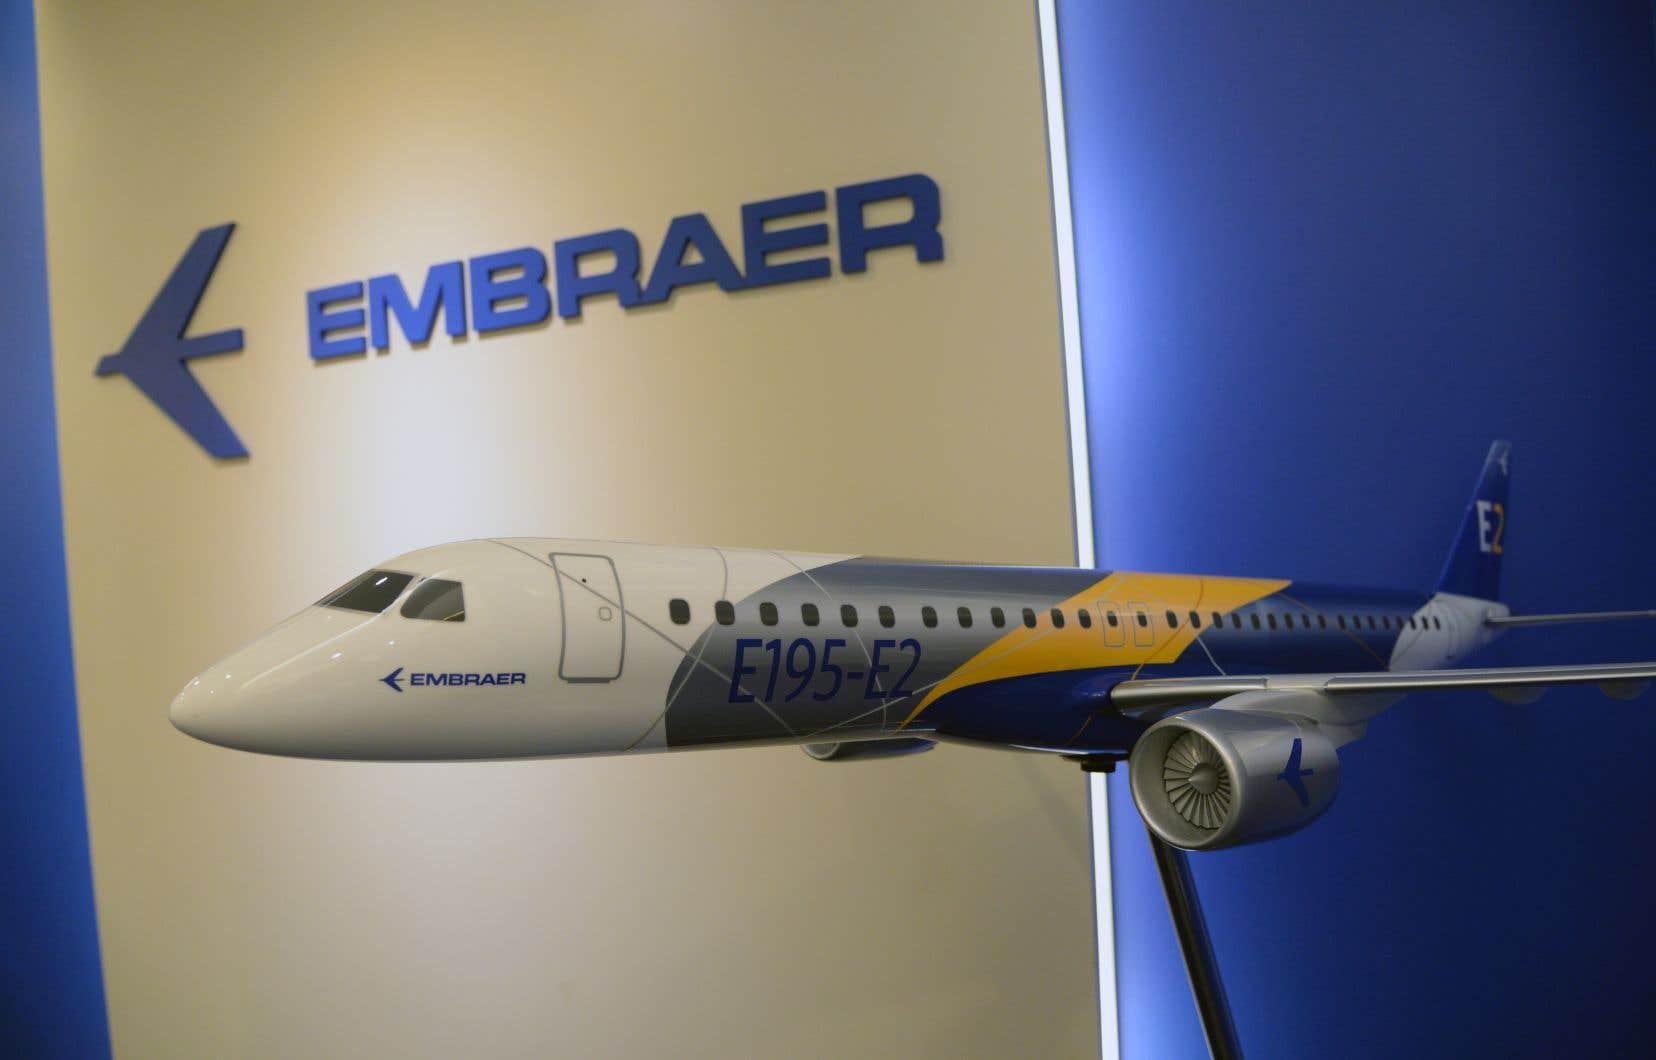 La Commission européennedit qu'elle s'inquiète de la perspective selon laquelle «l'opération envisagée ne supprime le troisième plus grand concurrent mondial, Embraer, sur le marché déjà fortement concentré de l'aviation commerciale».